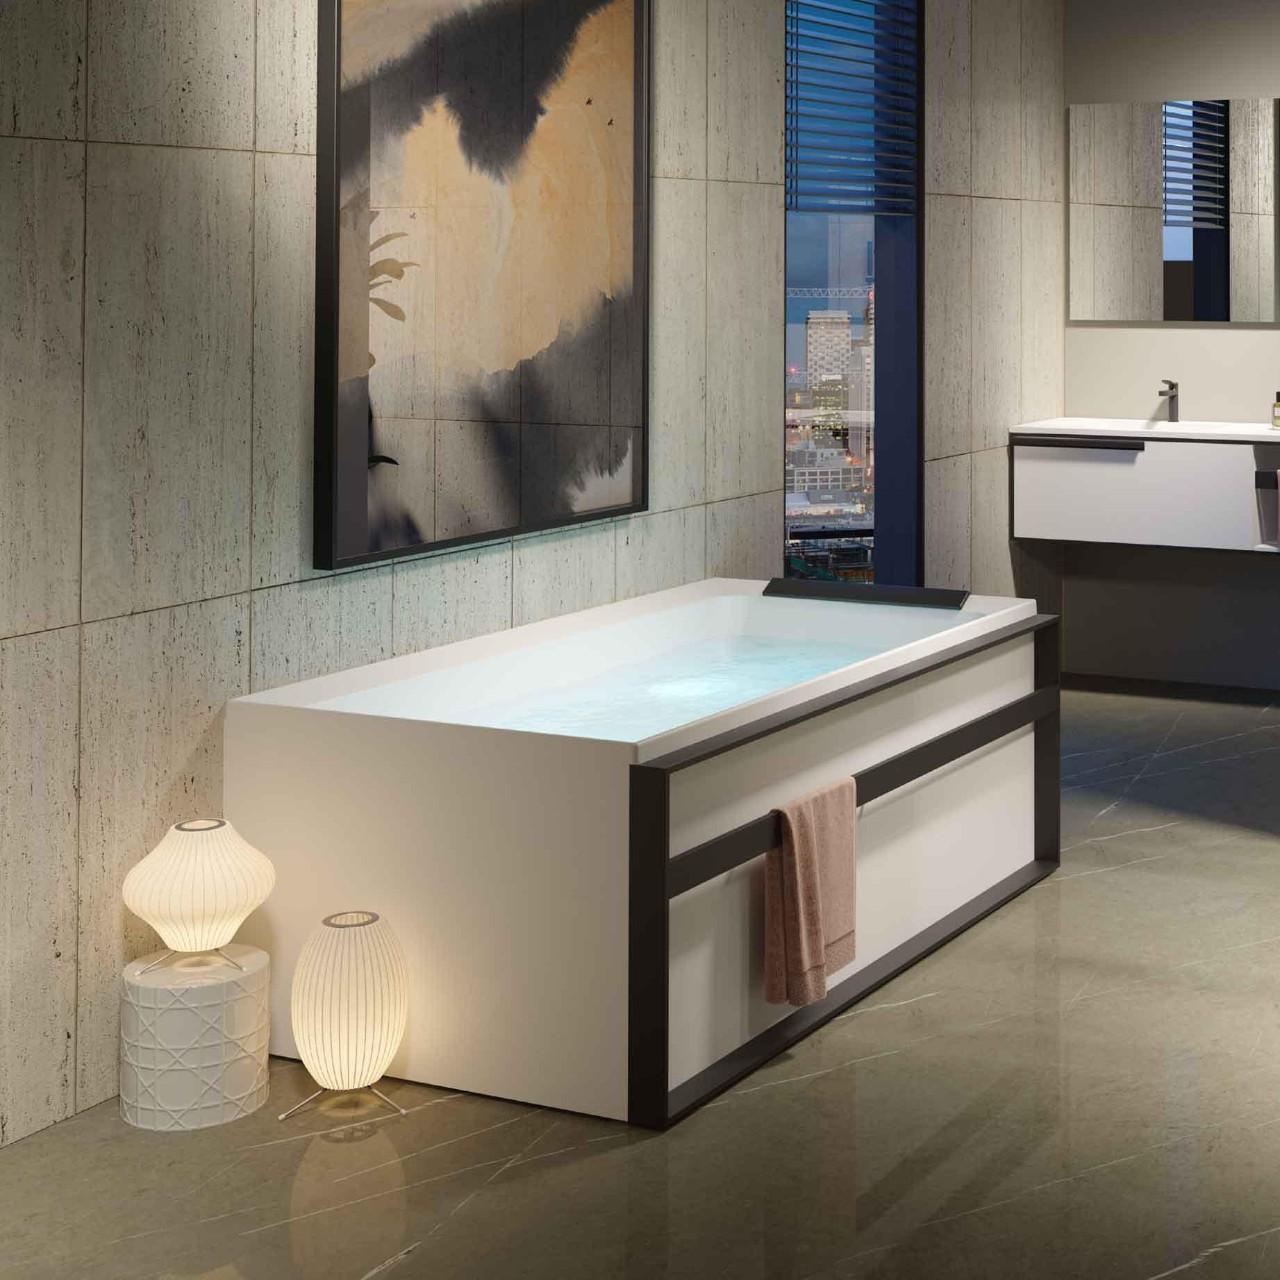 Vasche divina novellini - Vasche da bagno ad incasso ...